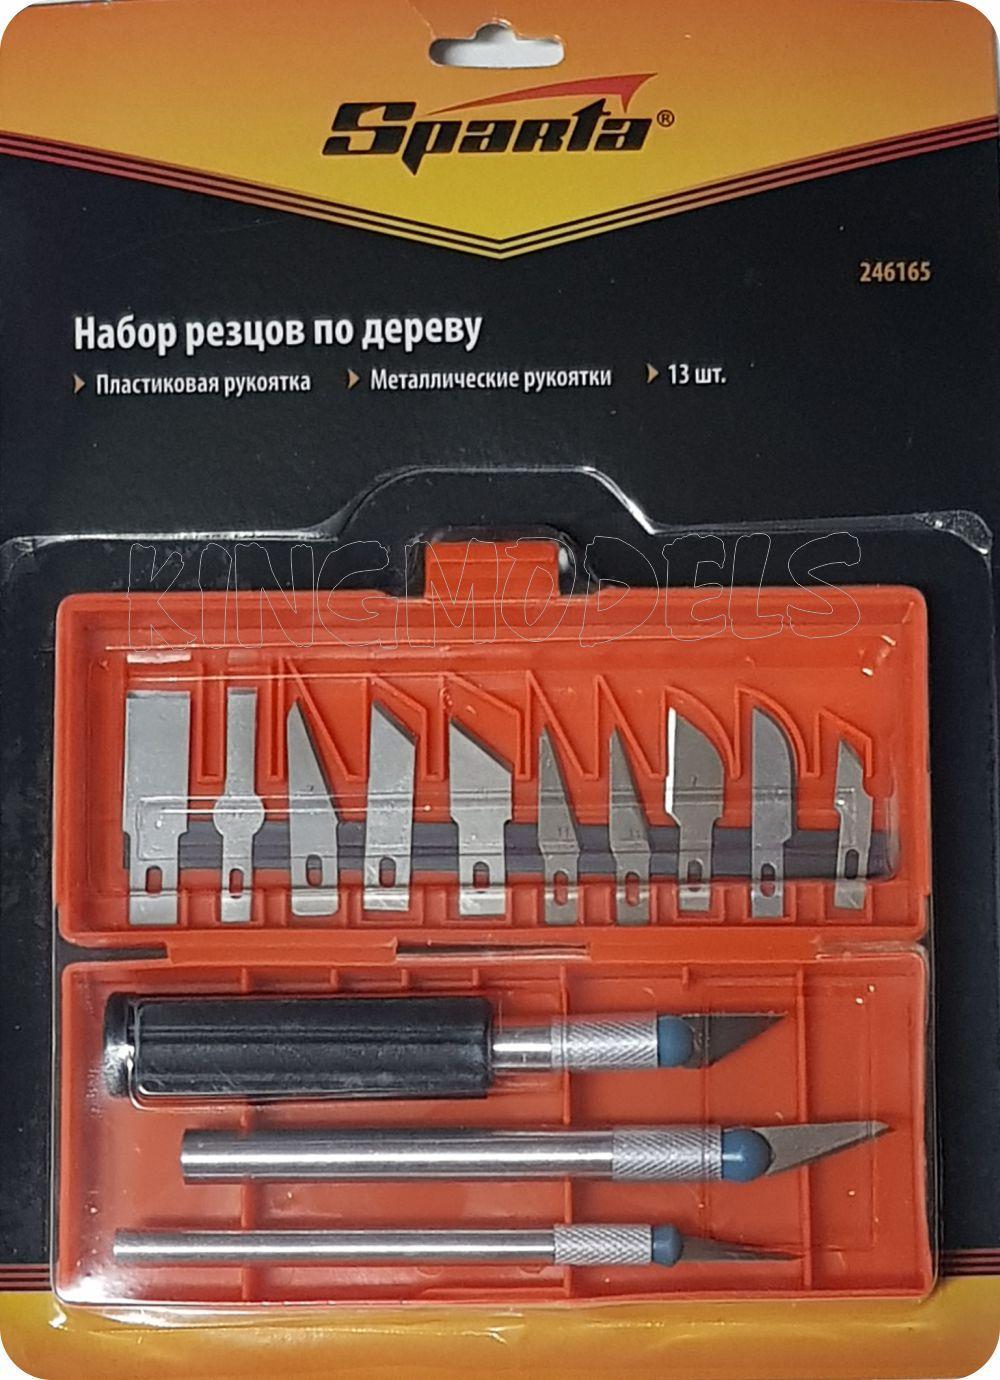 Kit de estilete de precisão com 13 diferentes lâminas  - King Models